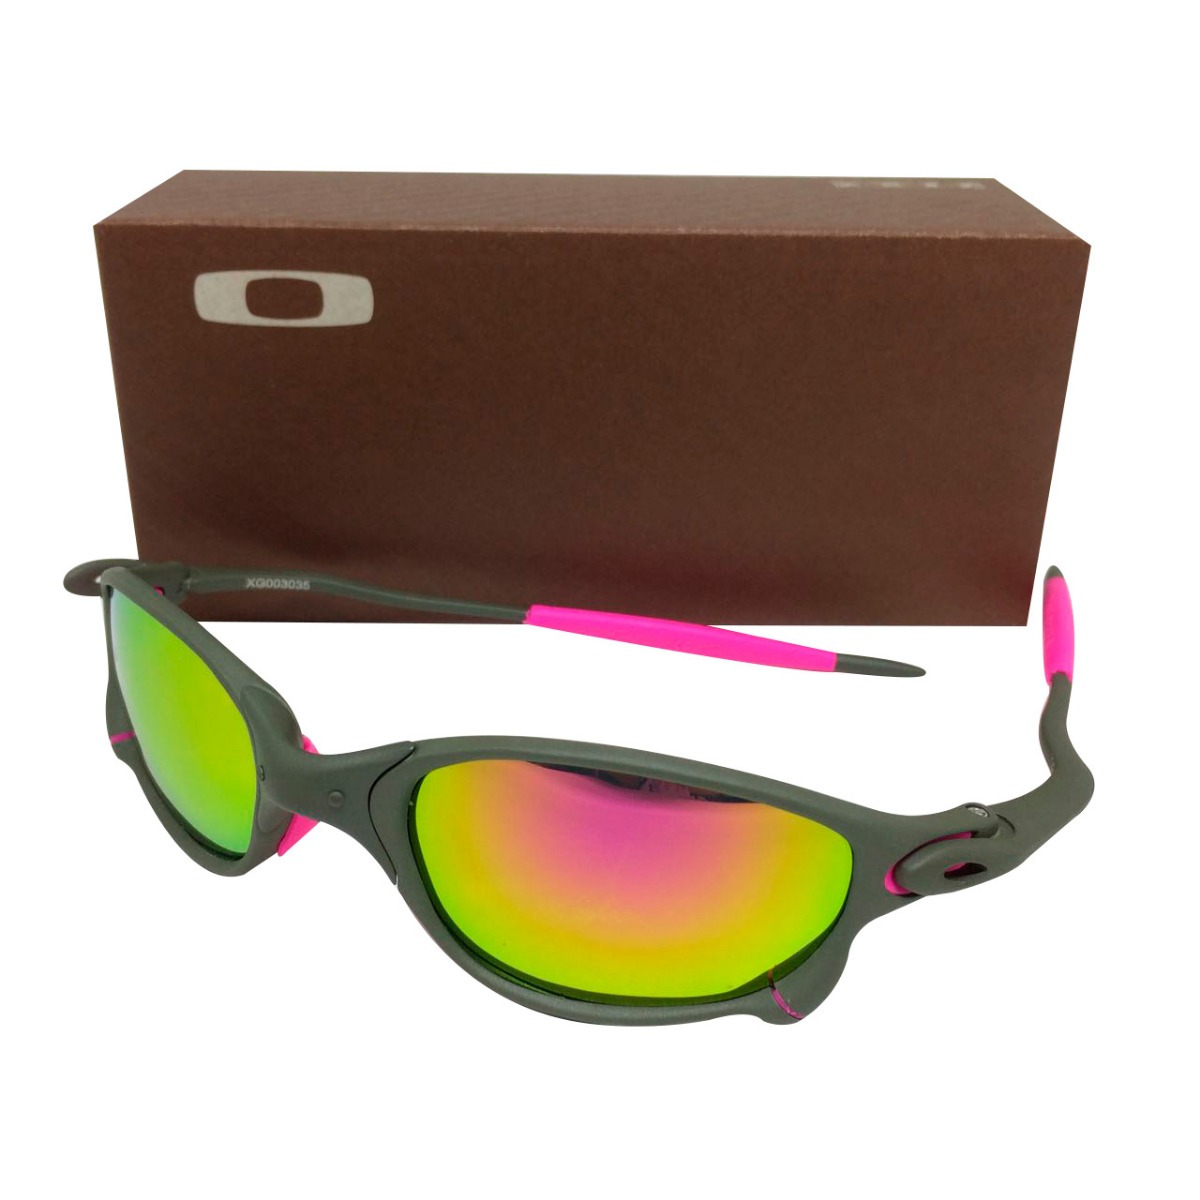 d659d30f9621c oculos lupa double x x x metal lentes e borrachas rosa pink. Carregando  zoom.